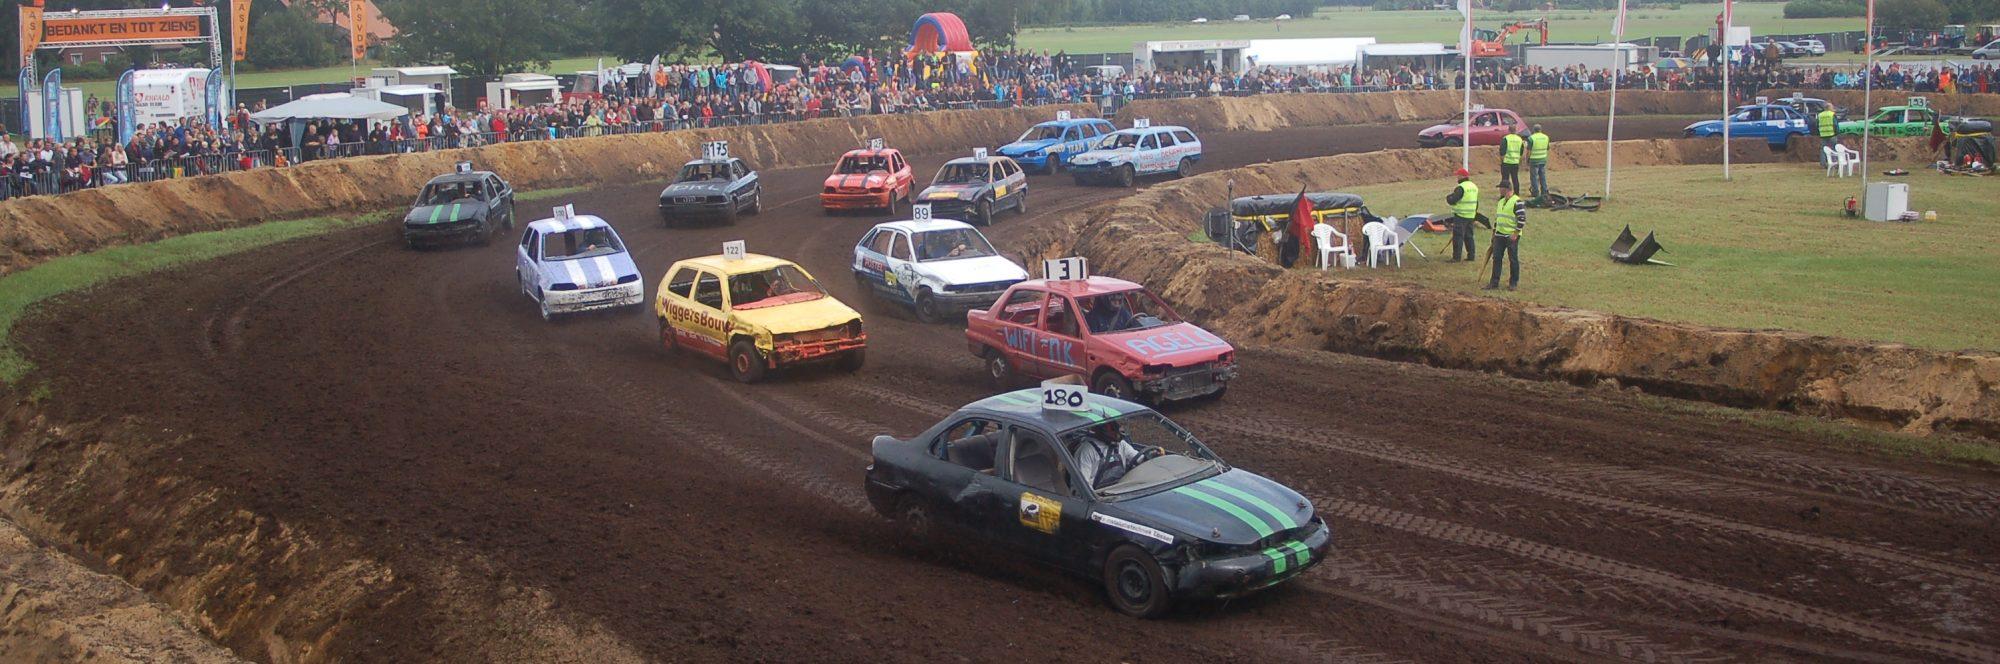 Wedstrijdoverzicht - Auto Sport Vereniging Denekamp